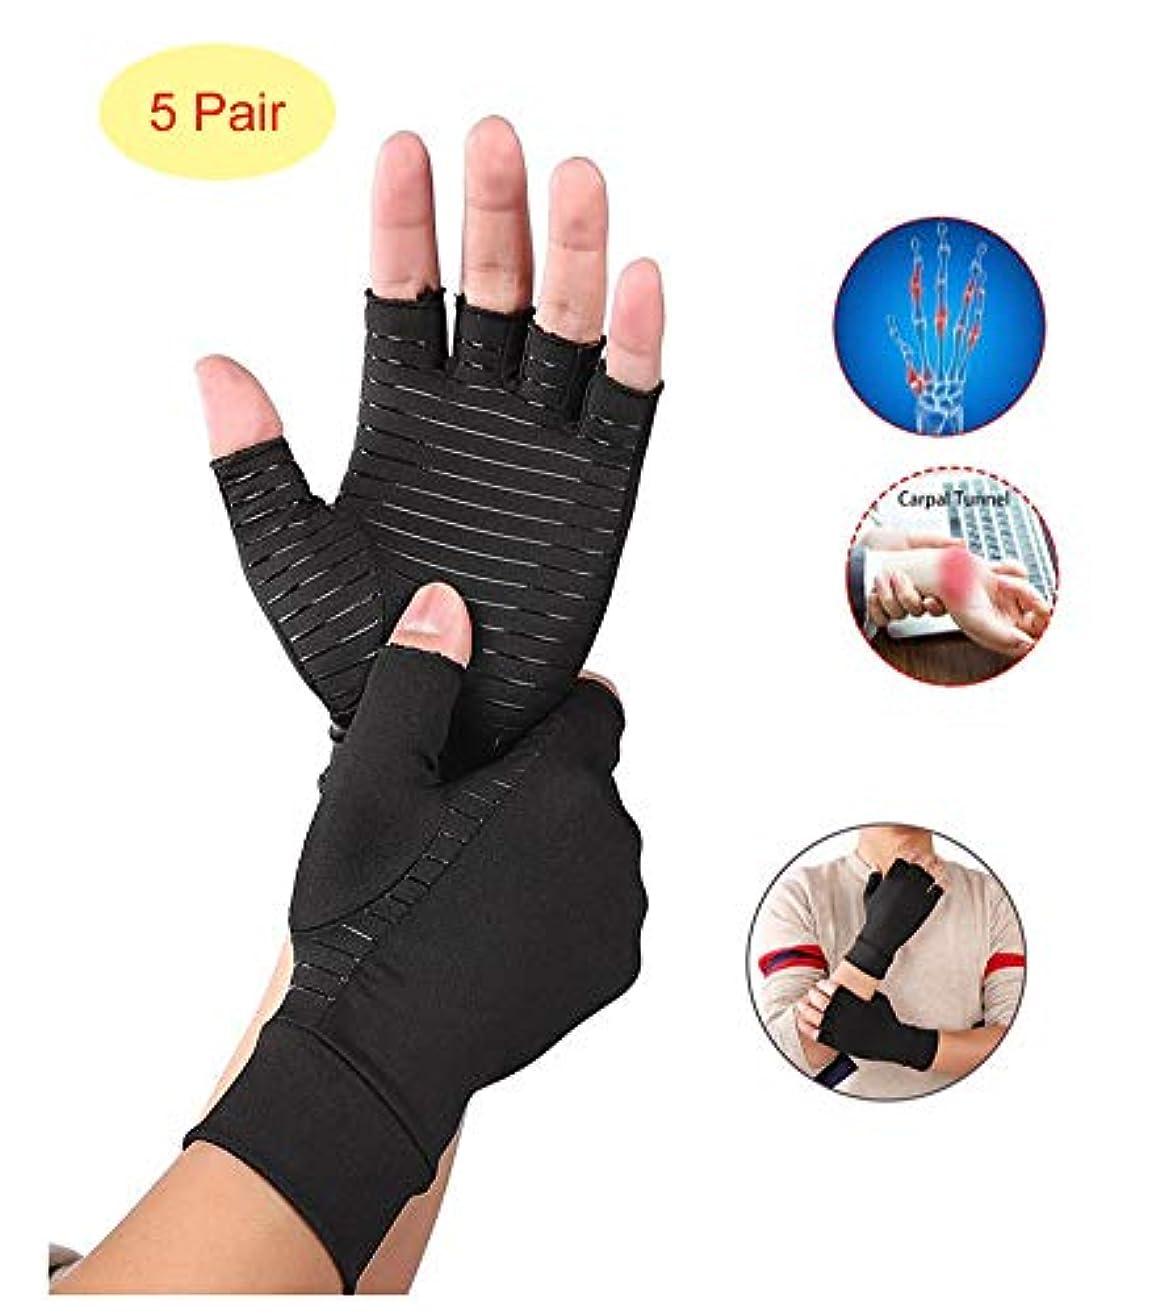 スコアキルト熱心関節炎手袋、5ペア、毎日の仕事、手、関節の痛みを和らげるための関節炎対策療法の圧縮手袋,M